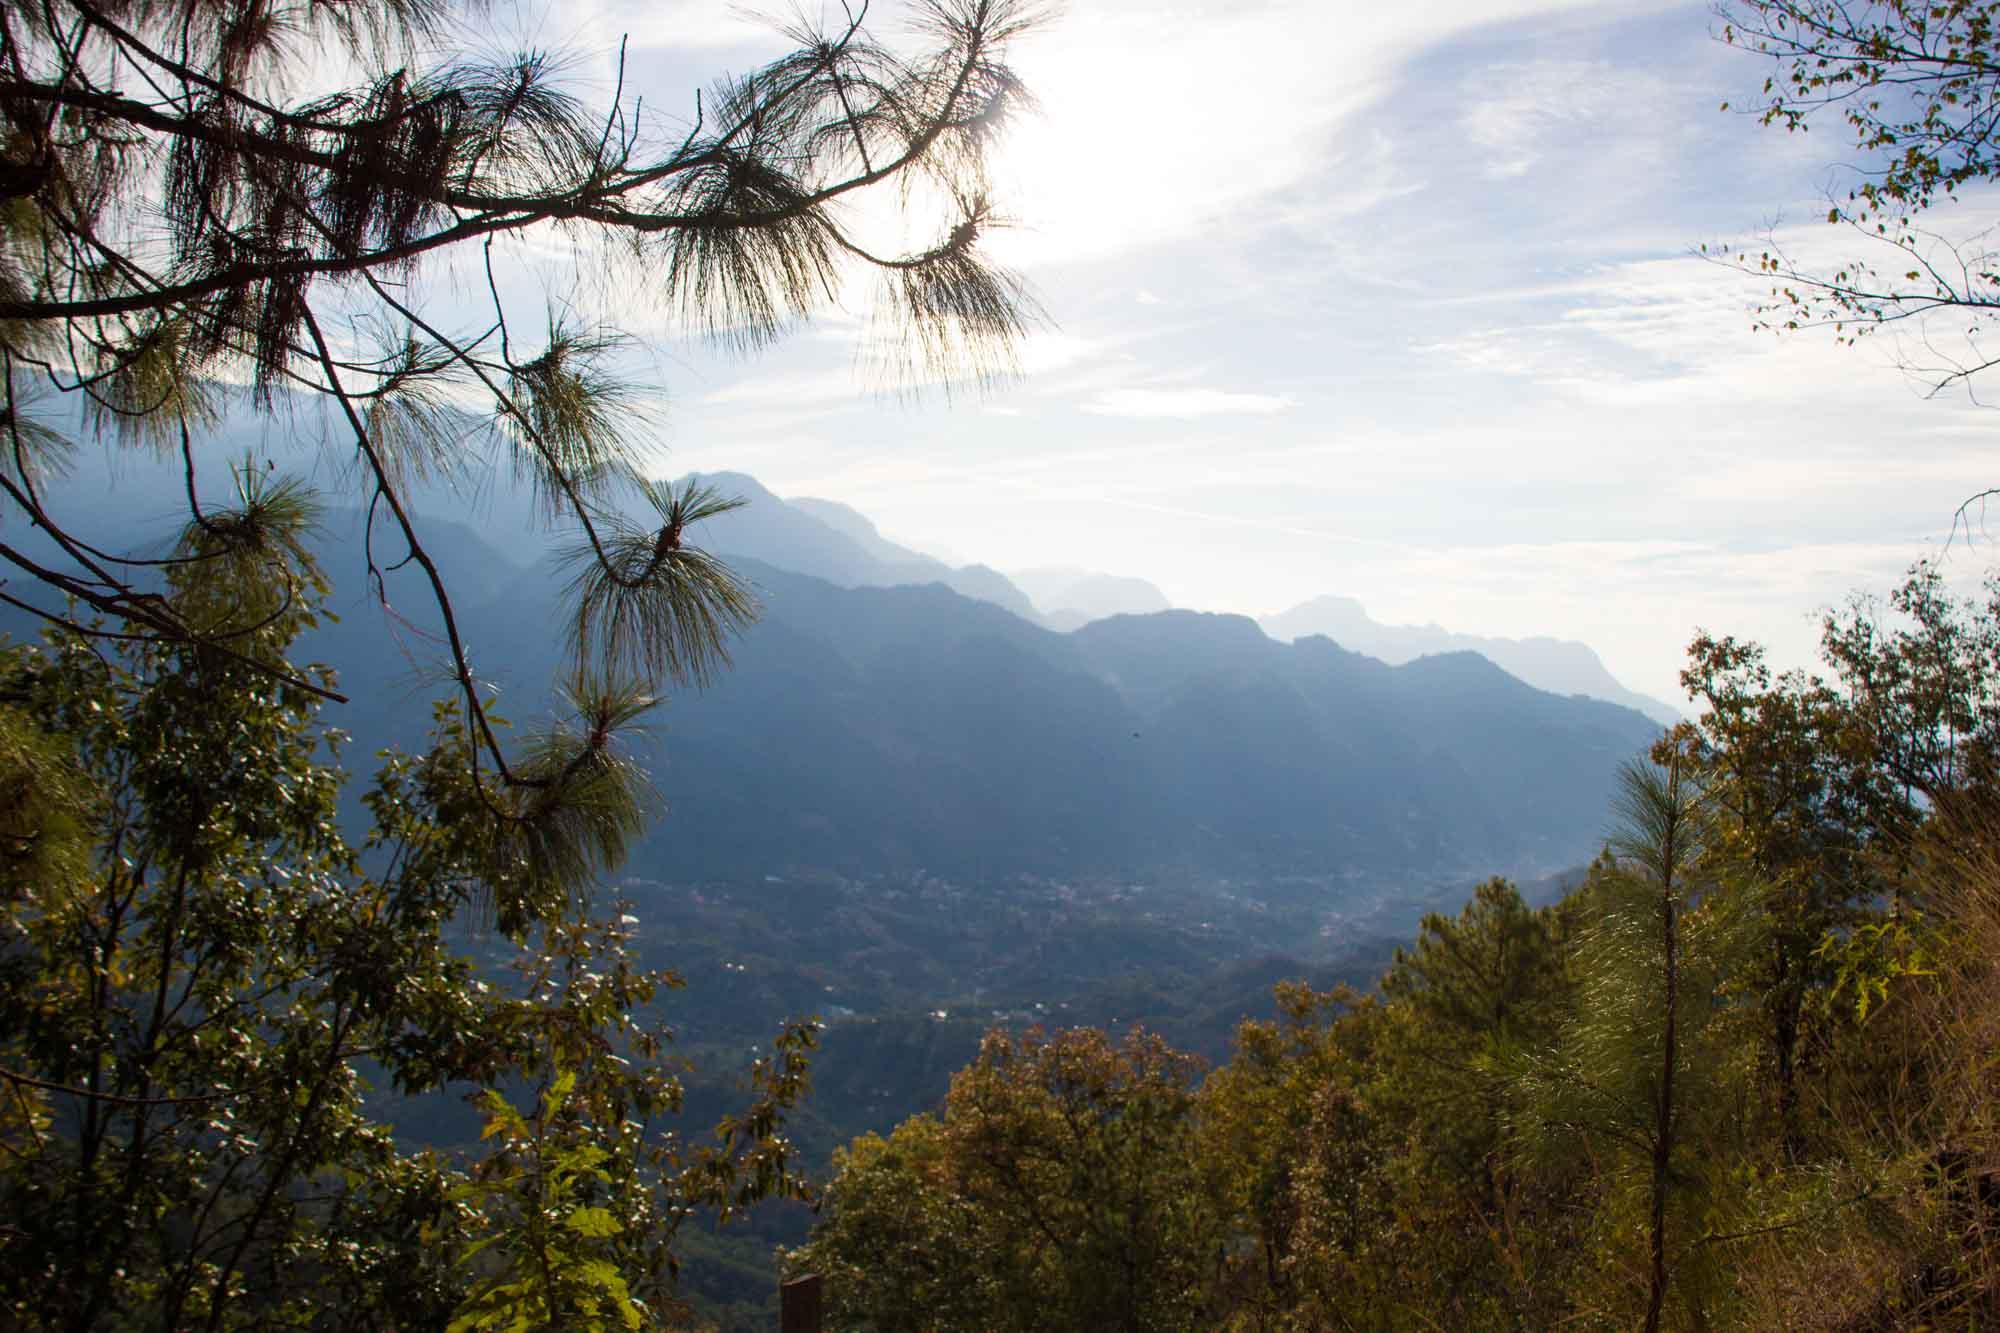 Guatemala Landscape